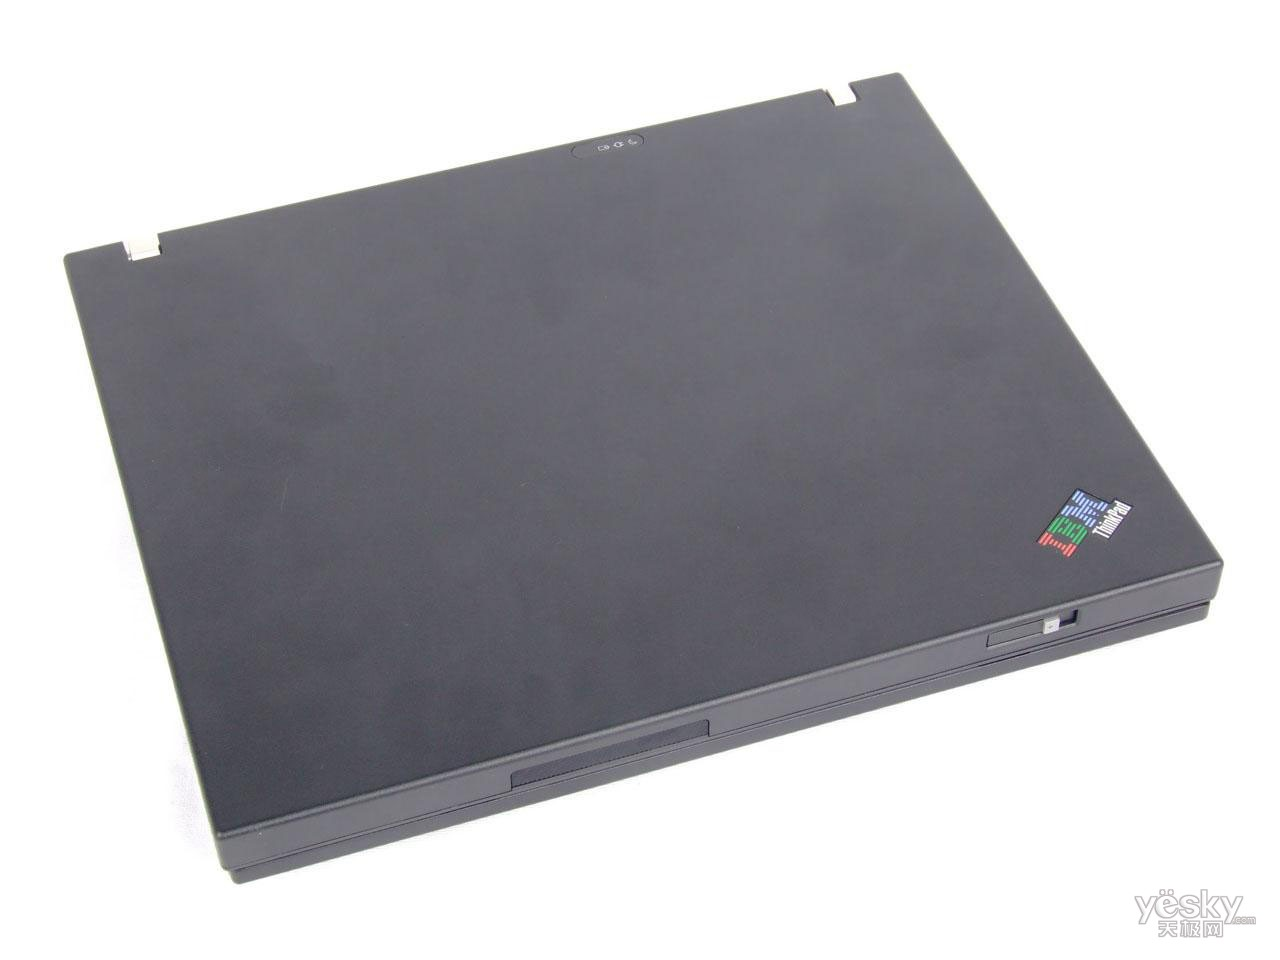 出台九新15.4寸酷睿二双核独显IBMr61笔记